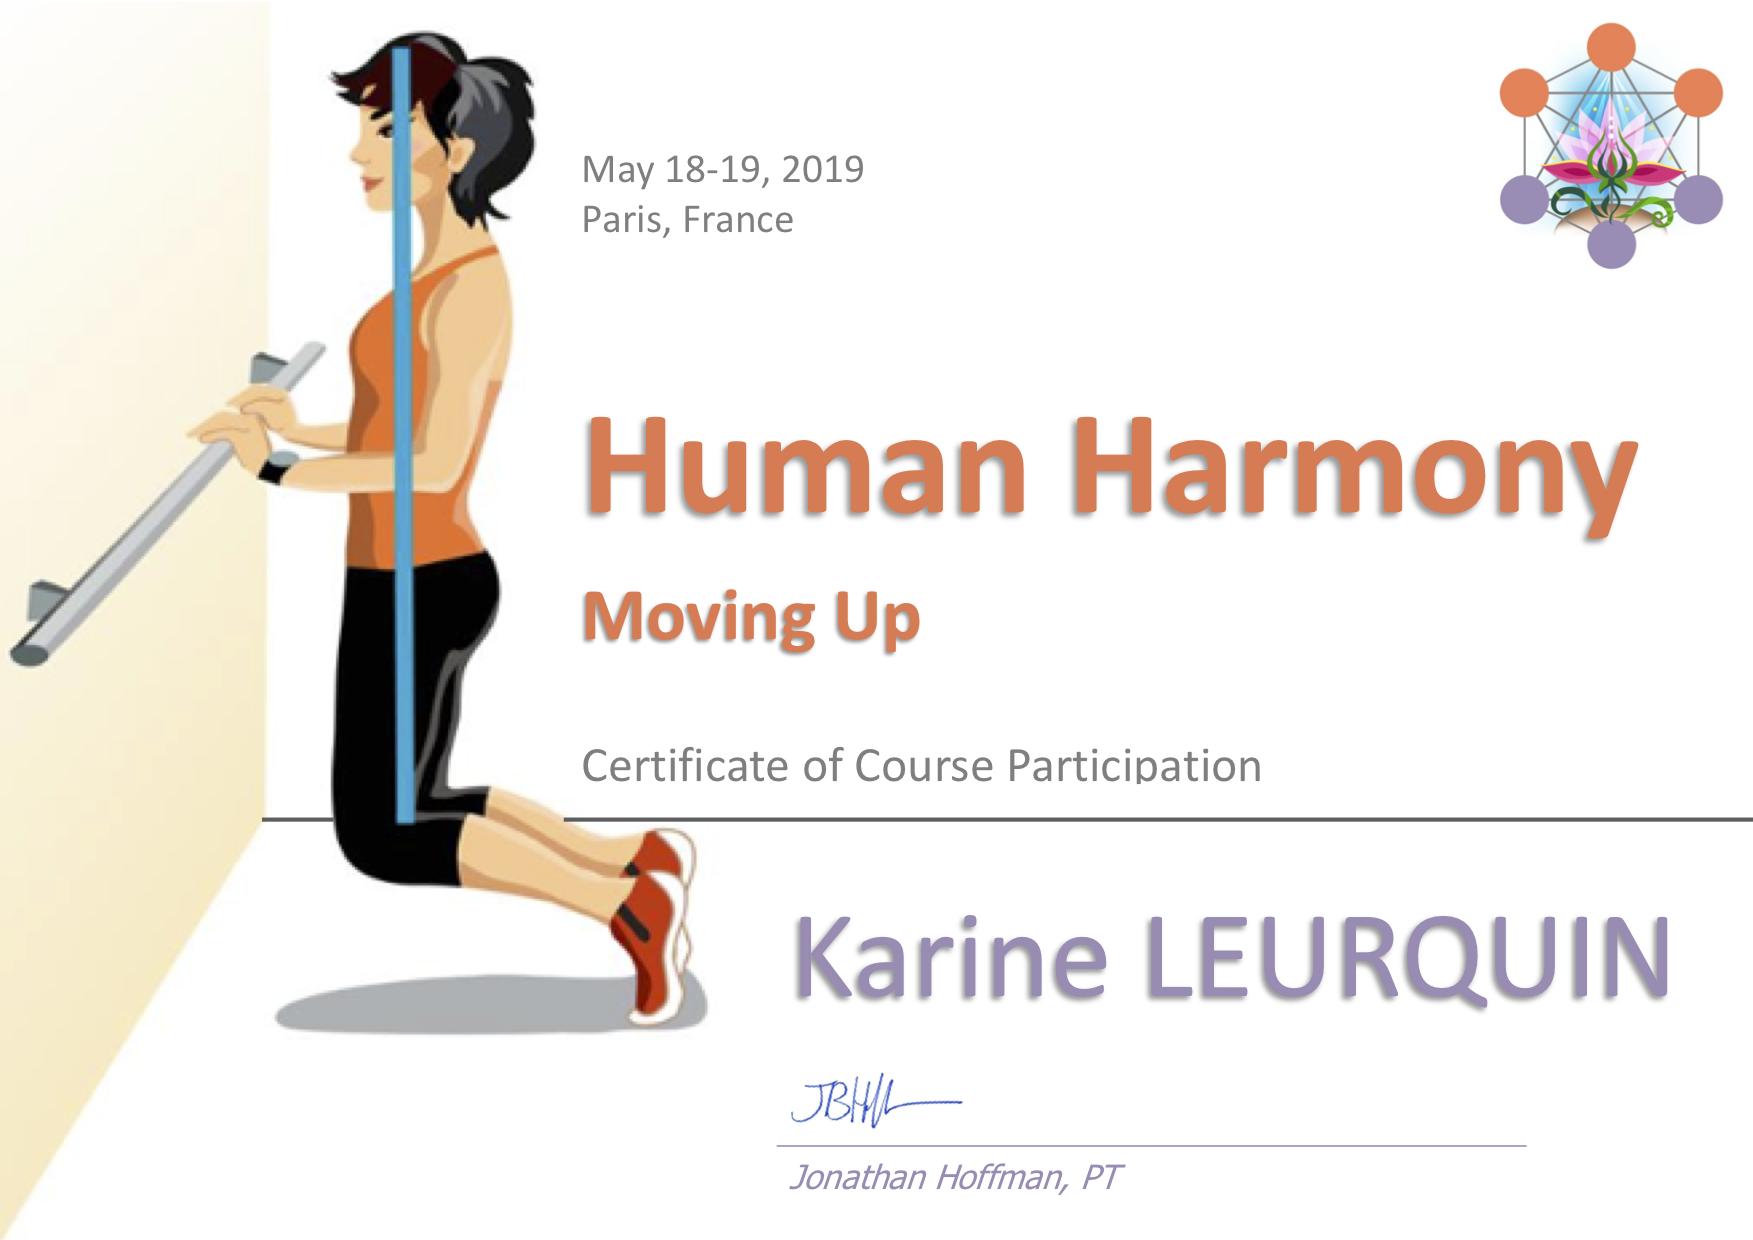 Certificat de participation au cours Human Harmony – Karine Leurquin